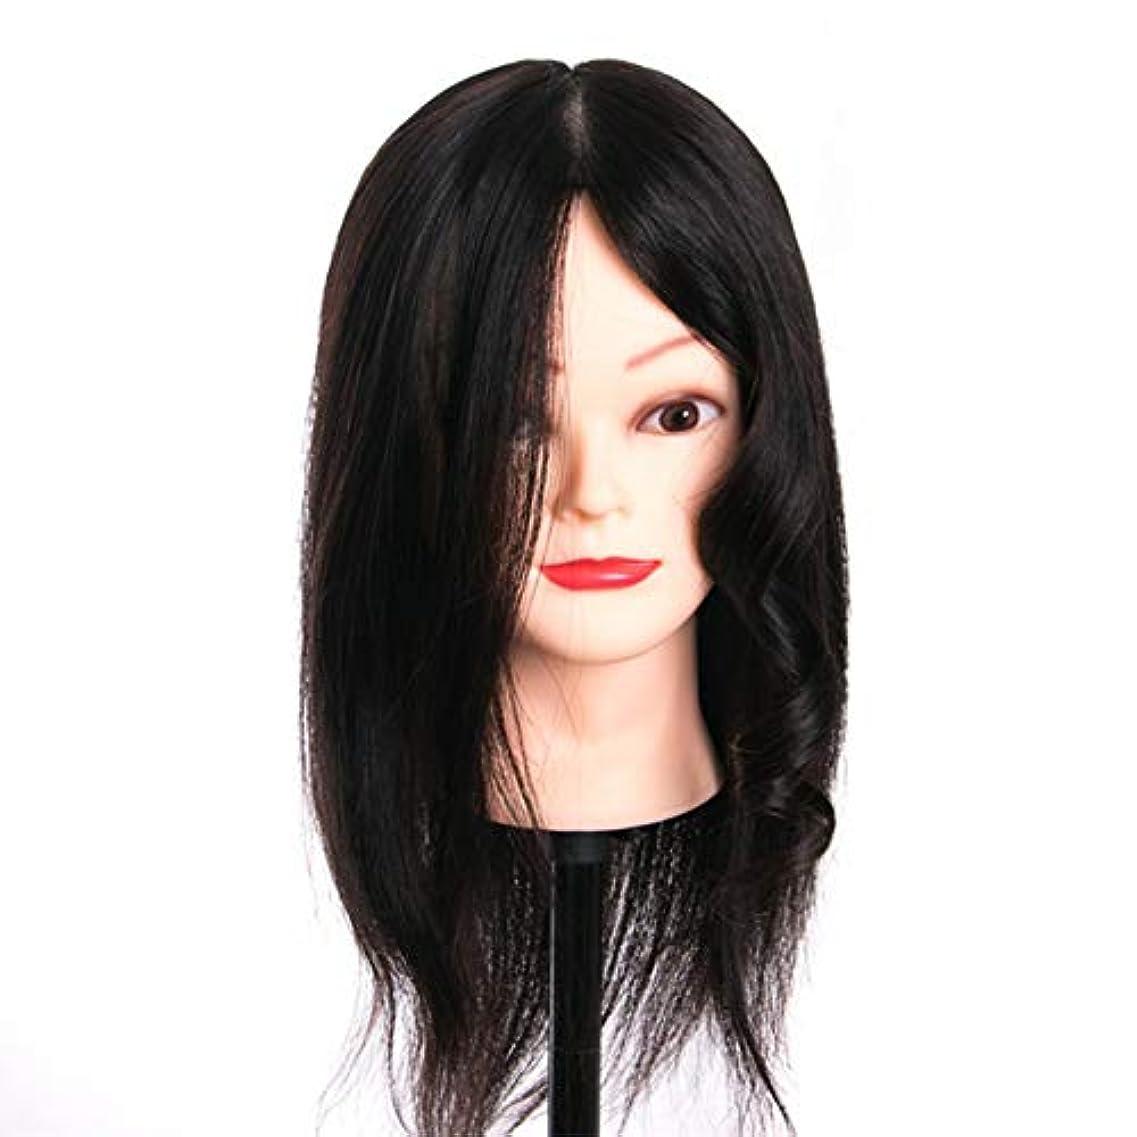 カニ不和ユーザーメイクディスクヘアスタイリング編み教育ダミーヘッドサロンエクササイズヘッド金型理髪ヘアカットトレーニングかつら3個